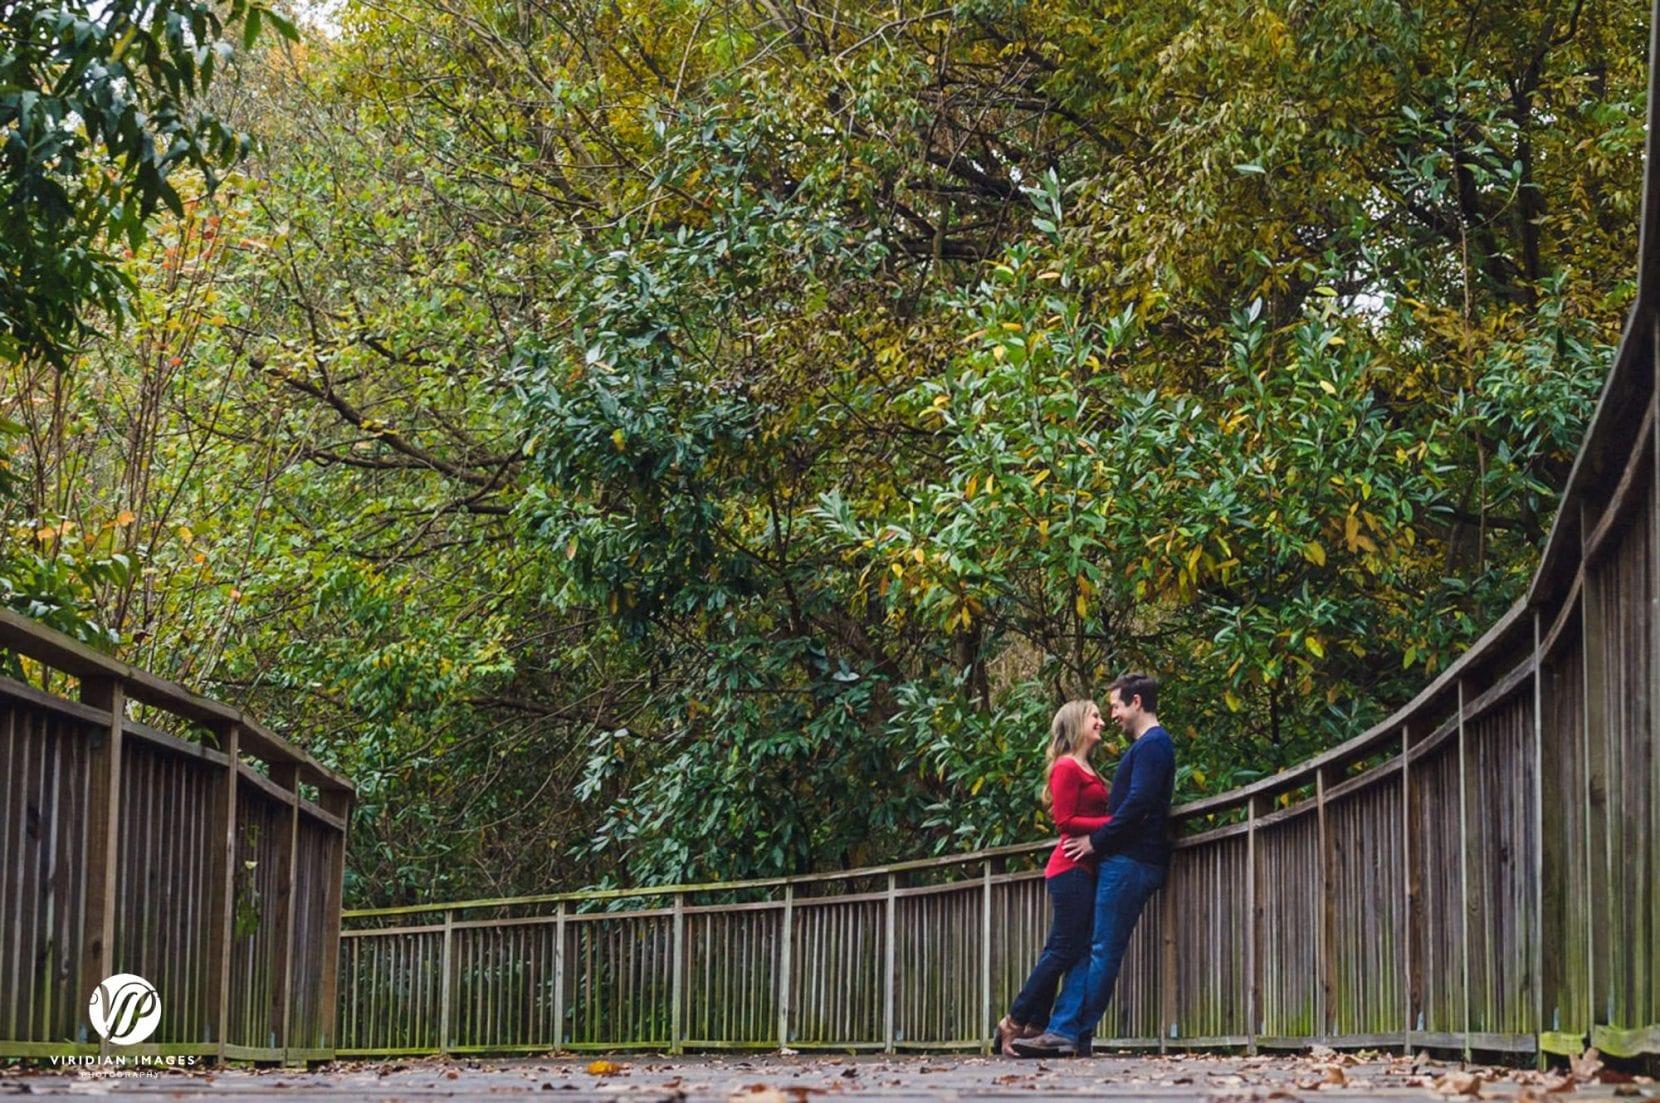 couple stop along boardwalk at piedmont park